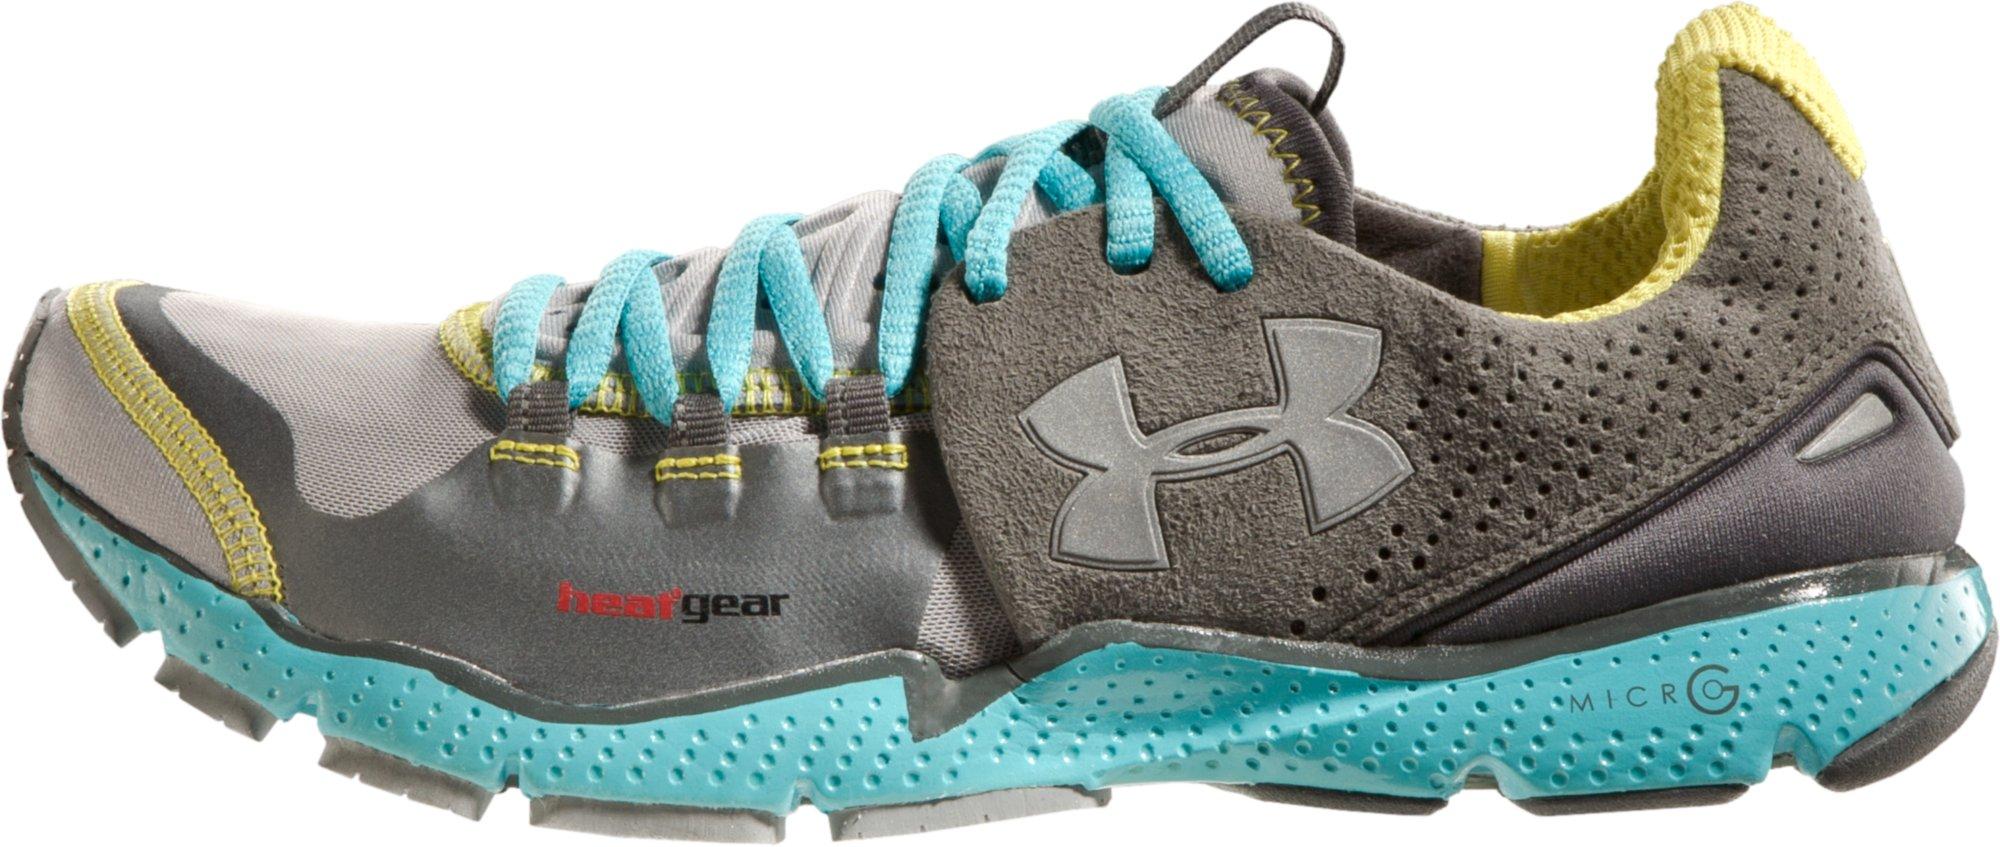 Women'S Running Shoes Treadmill 96